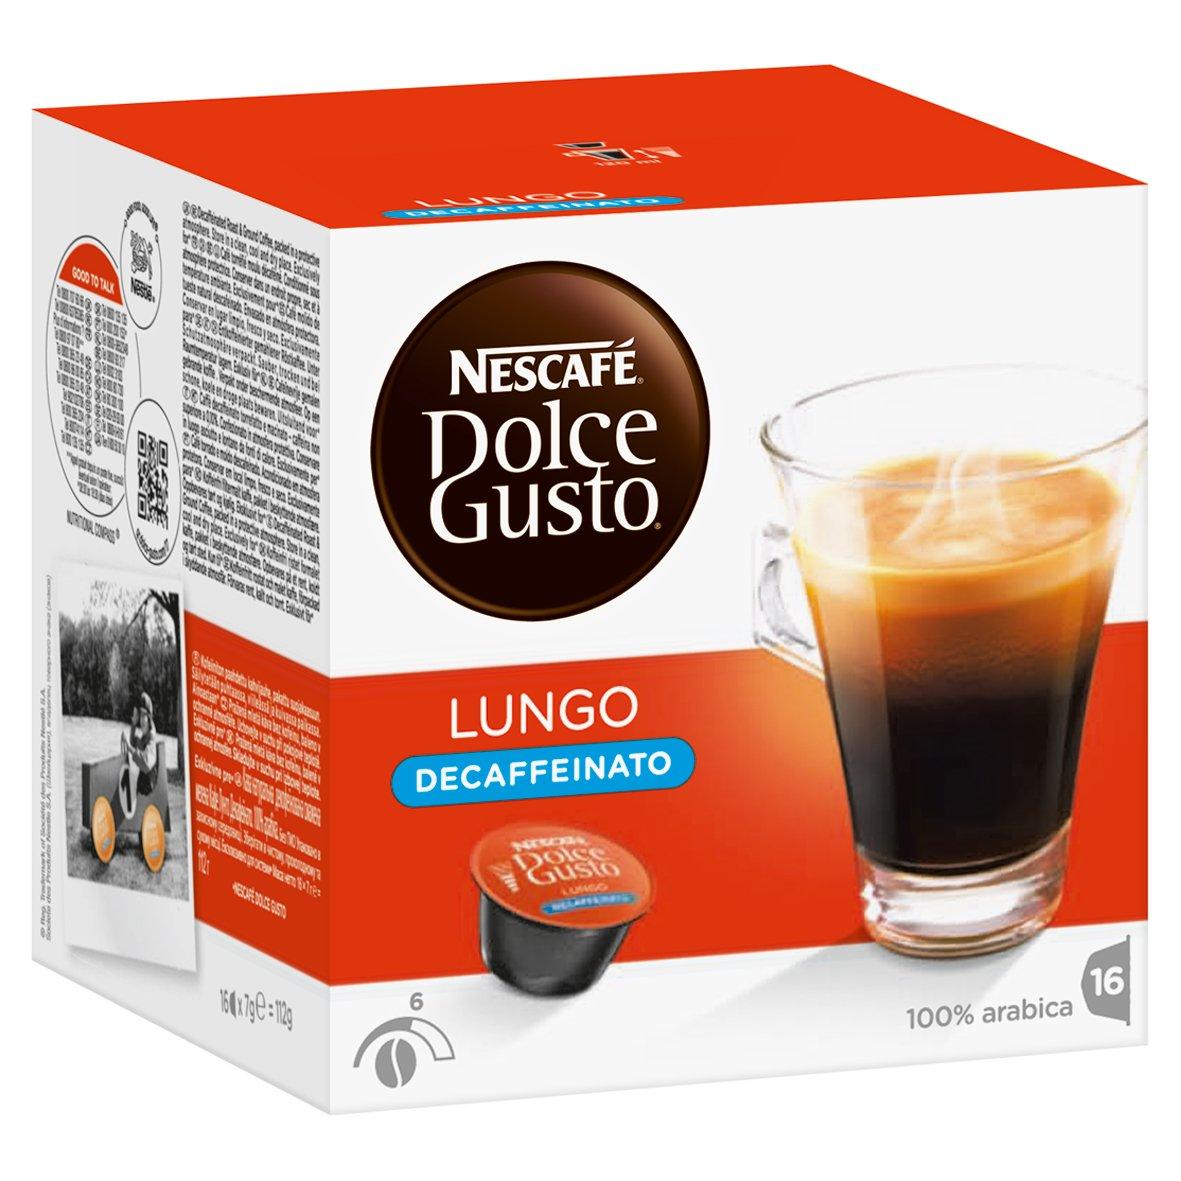 Nescafé Dolce Gusto Set de Cápsulas Descafeinadas, Caffè Lungo y Espresso Descafeinado: Amazon.es: Alimentación y bebidas